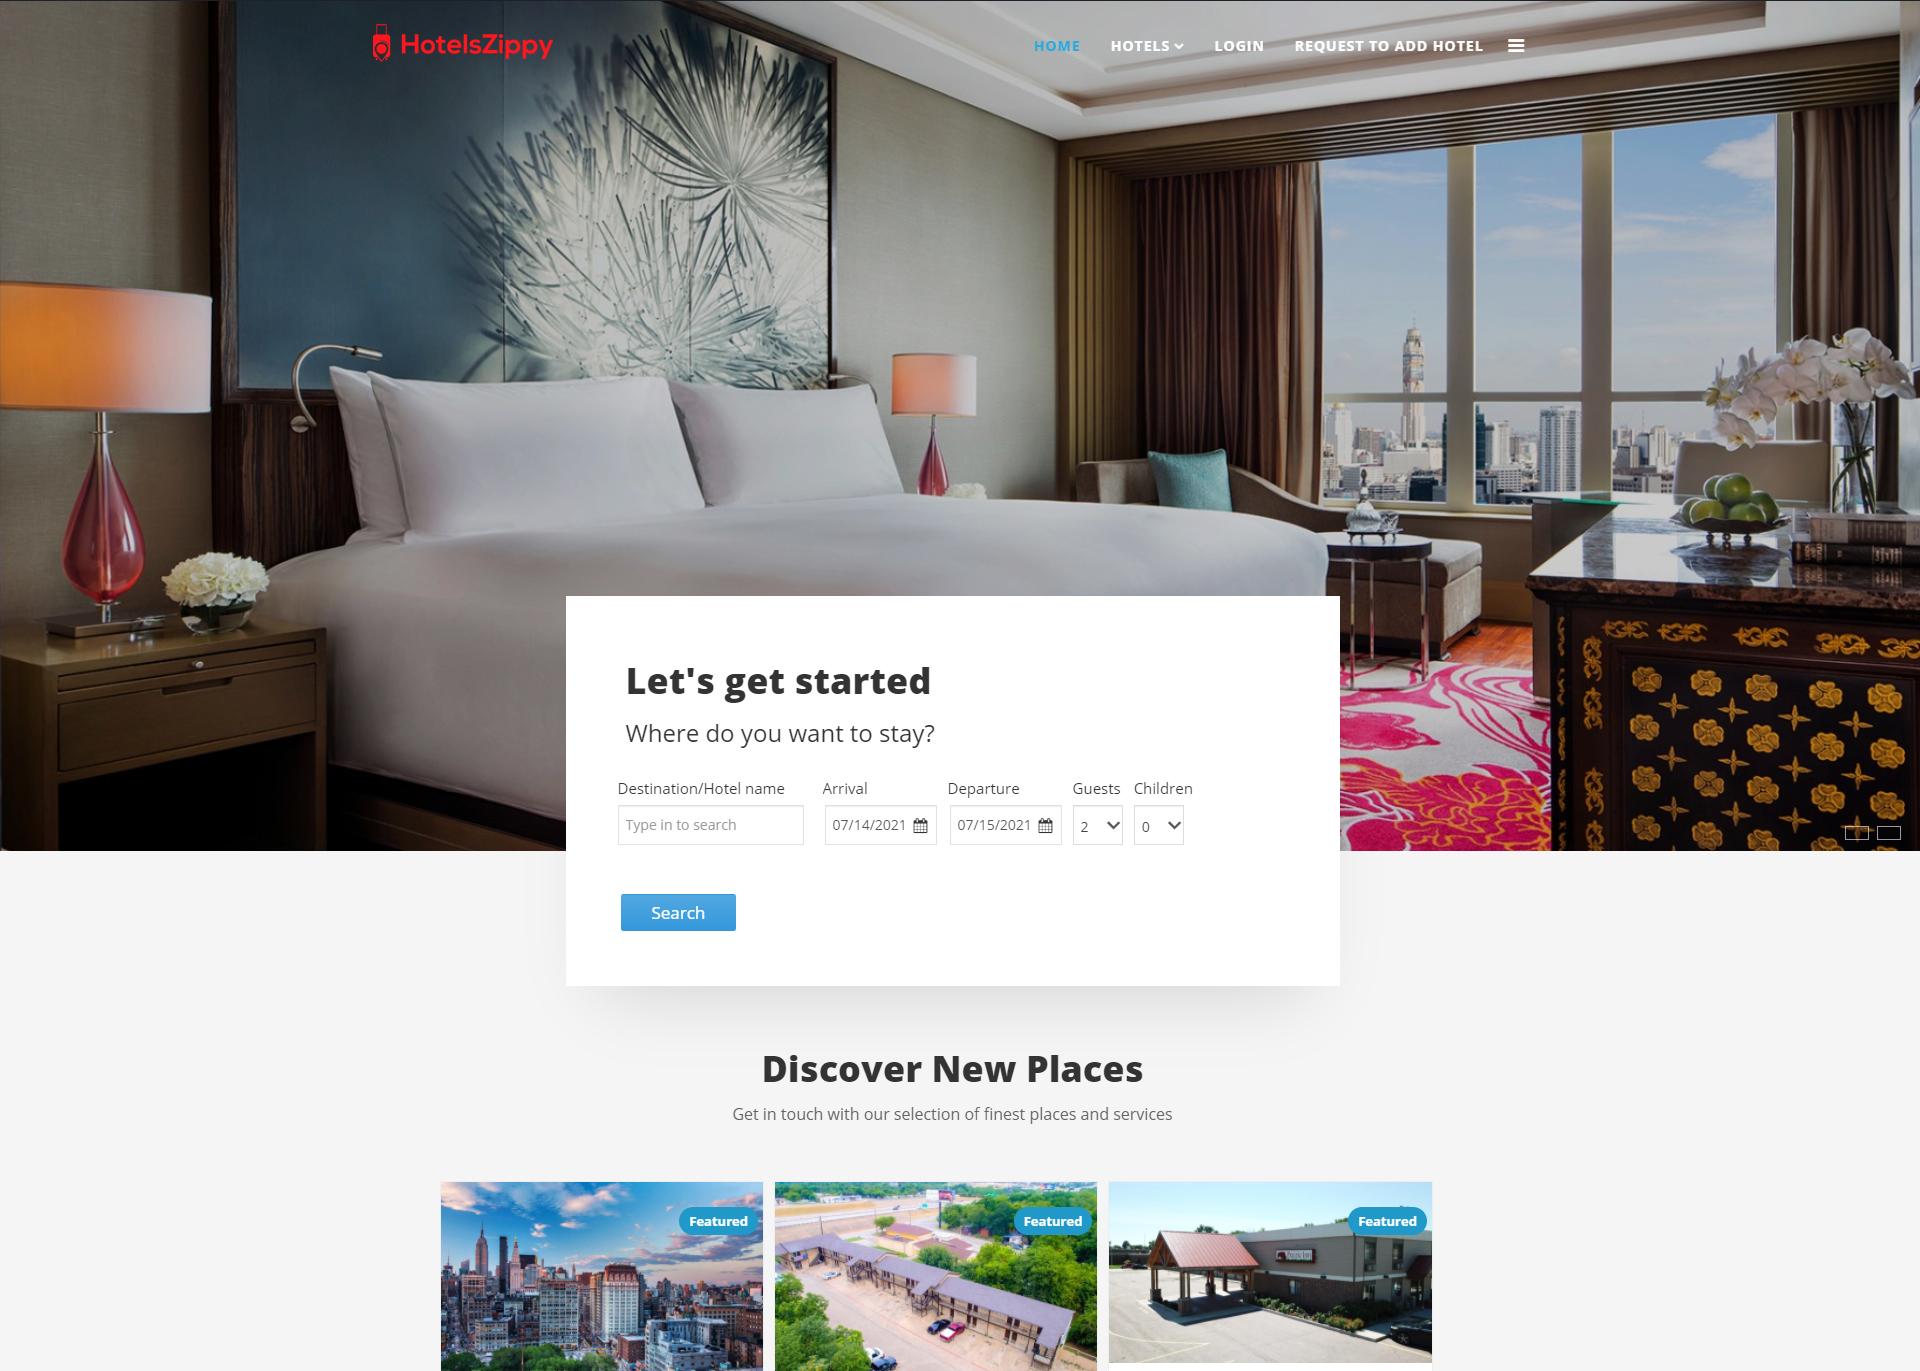 HotelsZippy